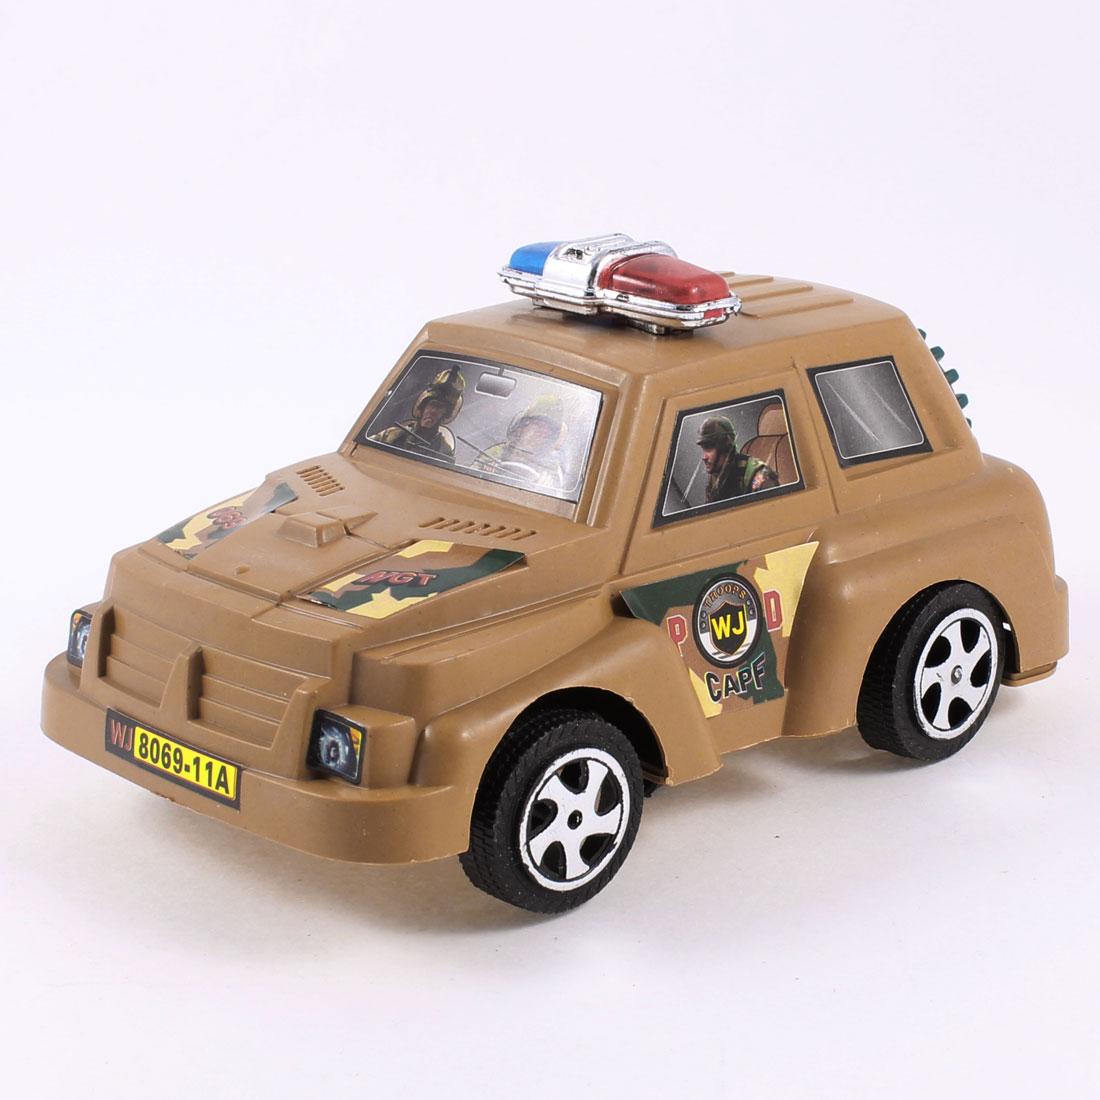 Khaki Black Plastic Running Police Car Pull String Toy for Children